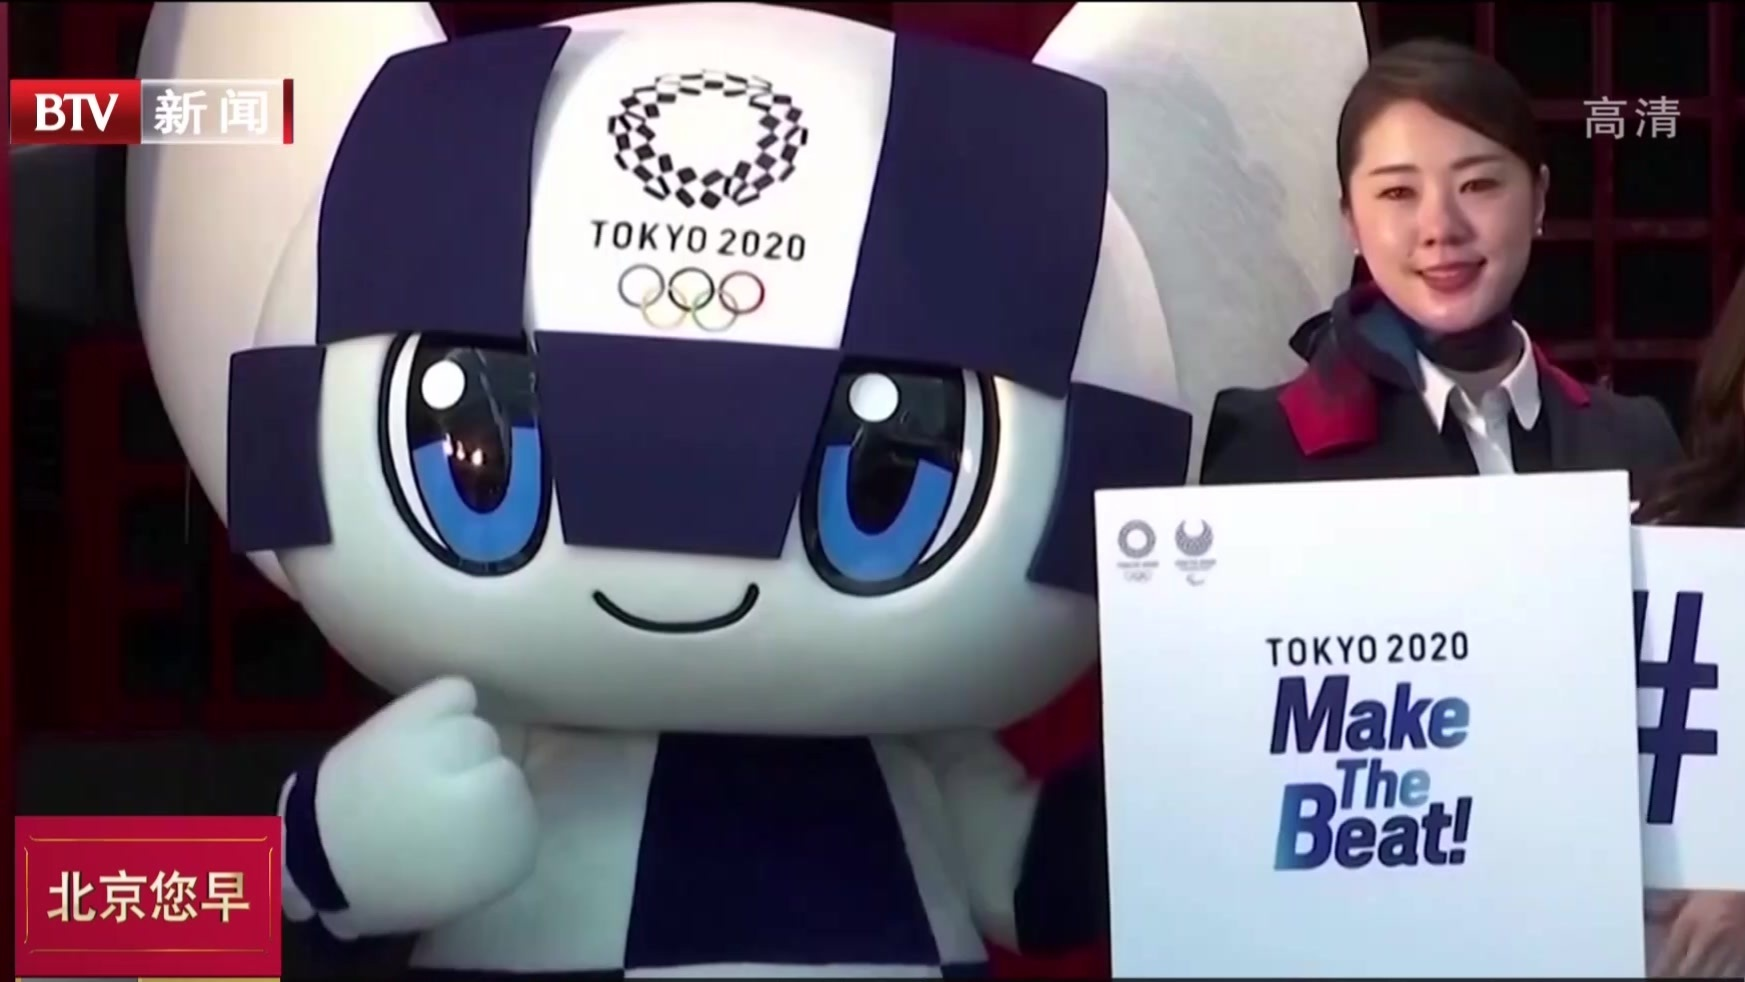 日媒称推迟东京奥运会直接经济损失约为60亿美元